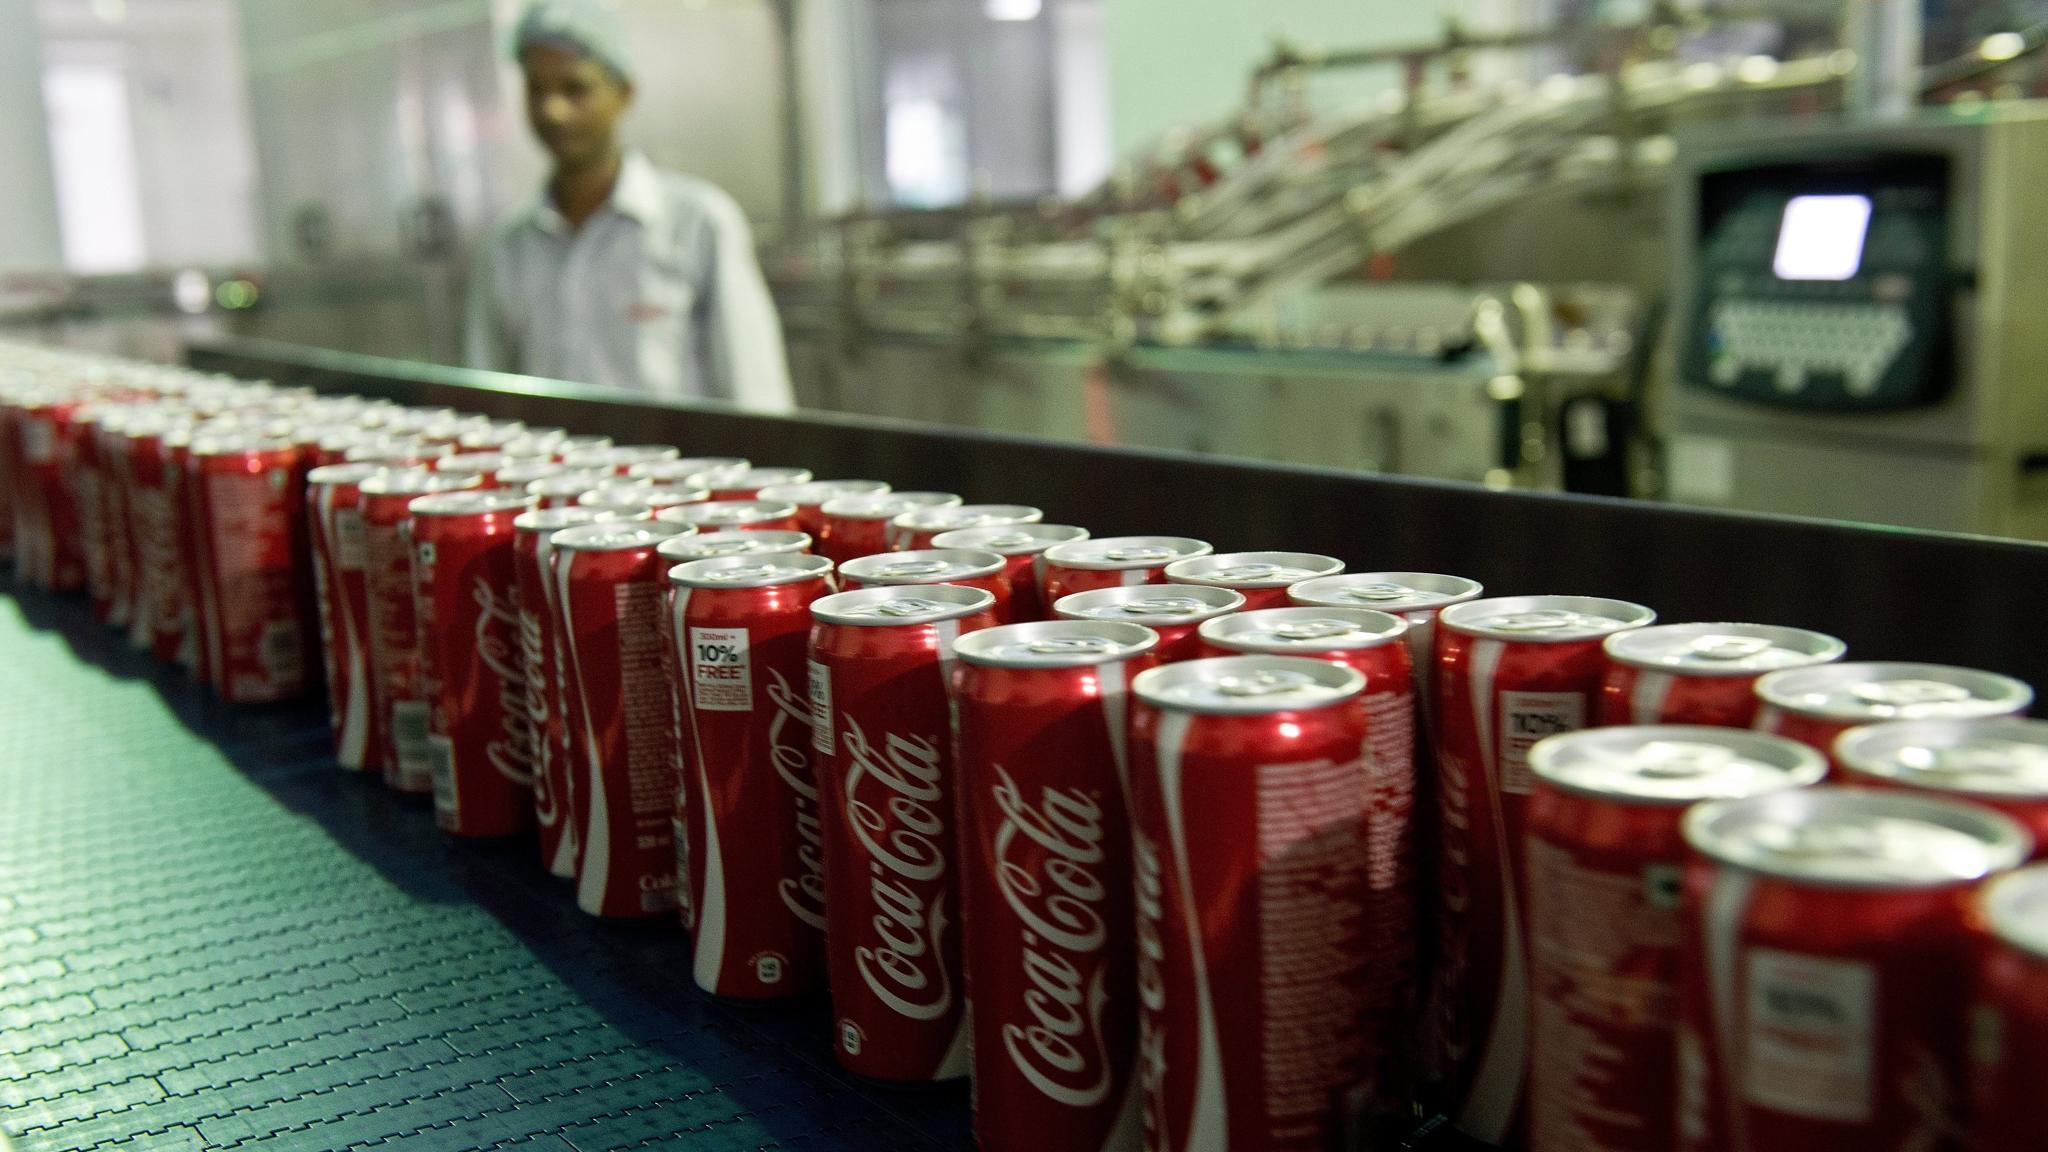 coca cola marketing plan 2012